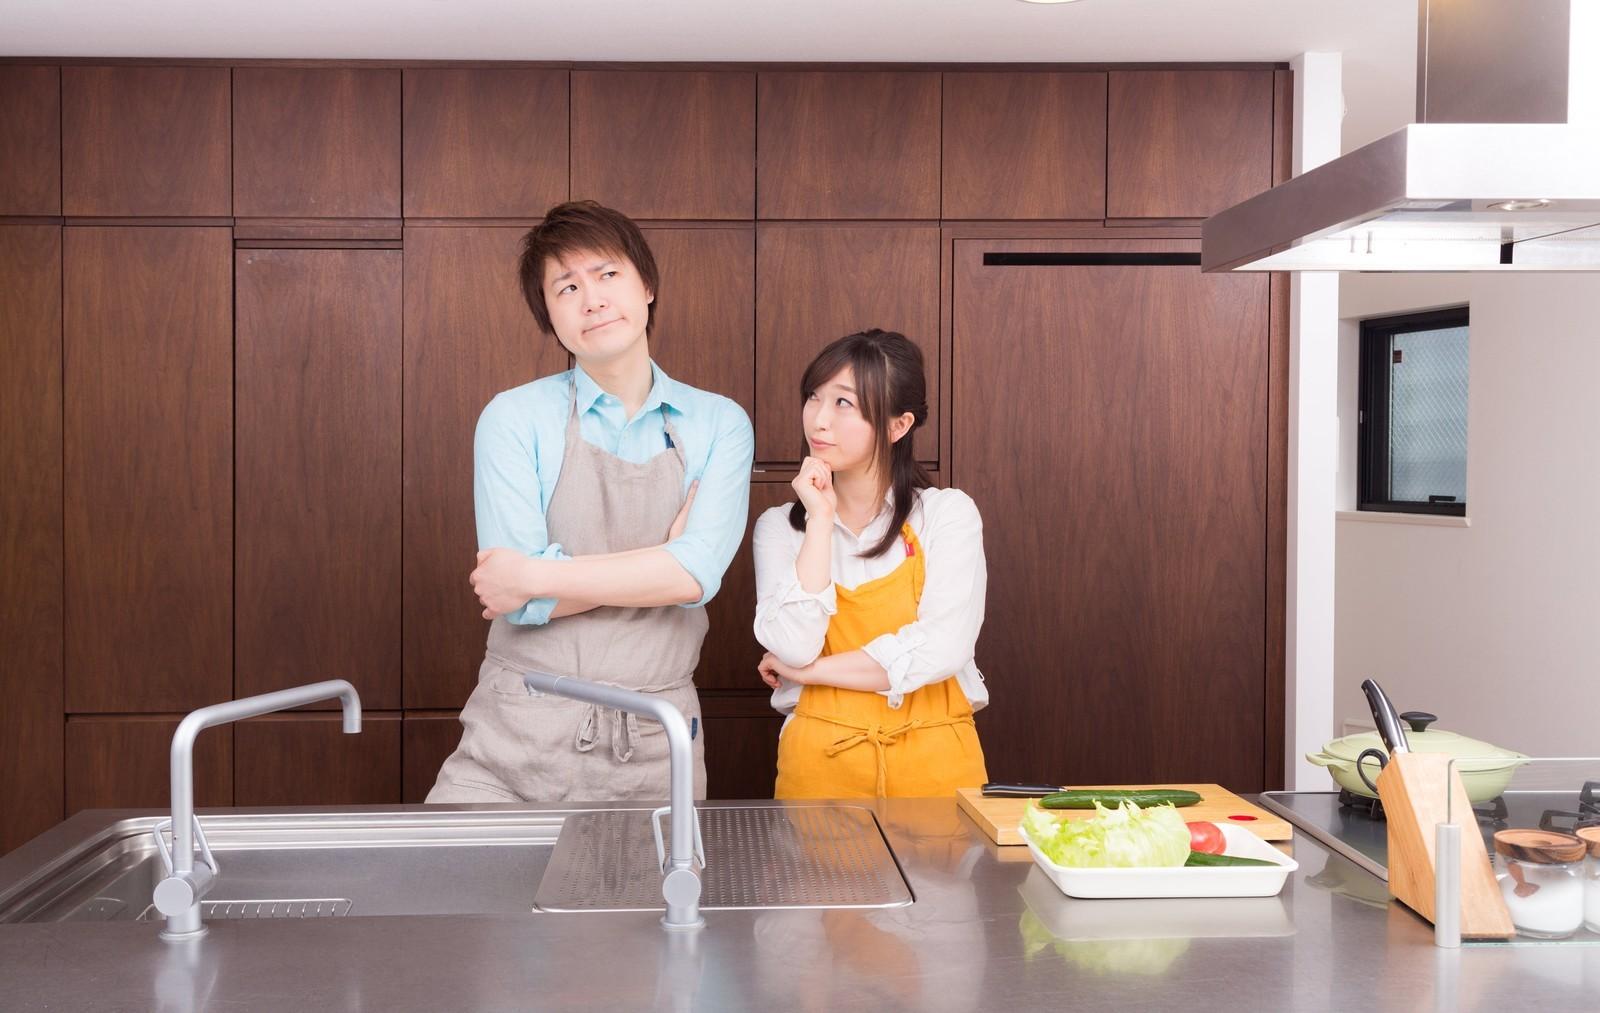 キッチン回りをすっきりさせたい。ダイソーの積み重ねラックでおしゃれにお片付け